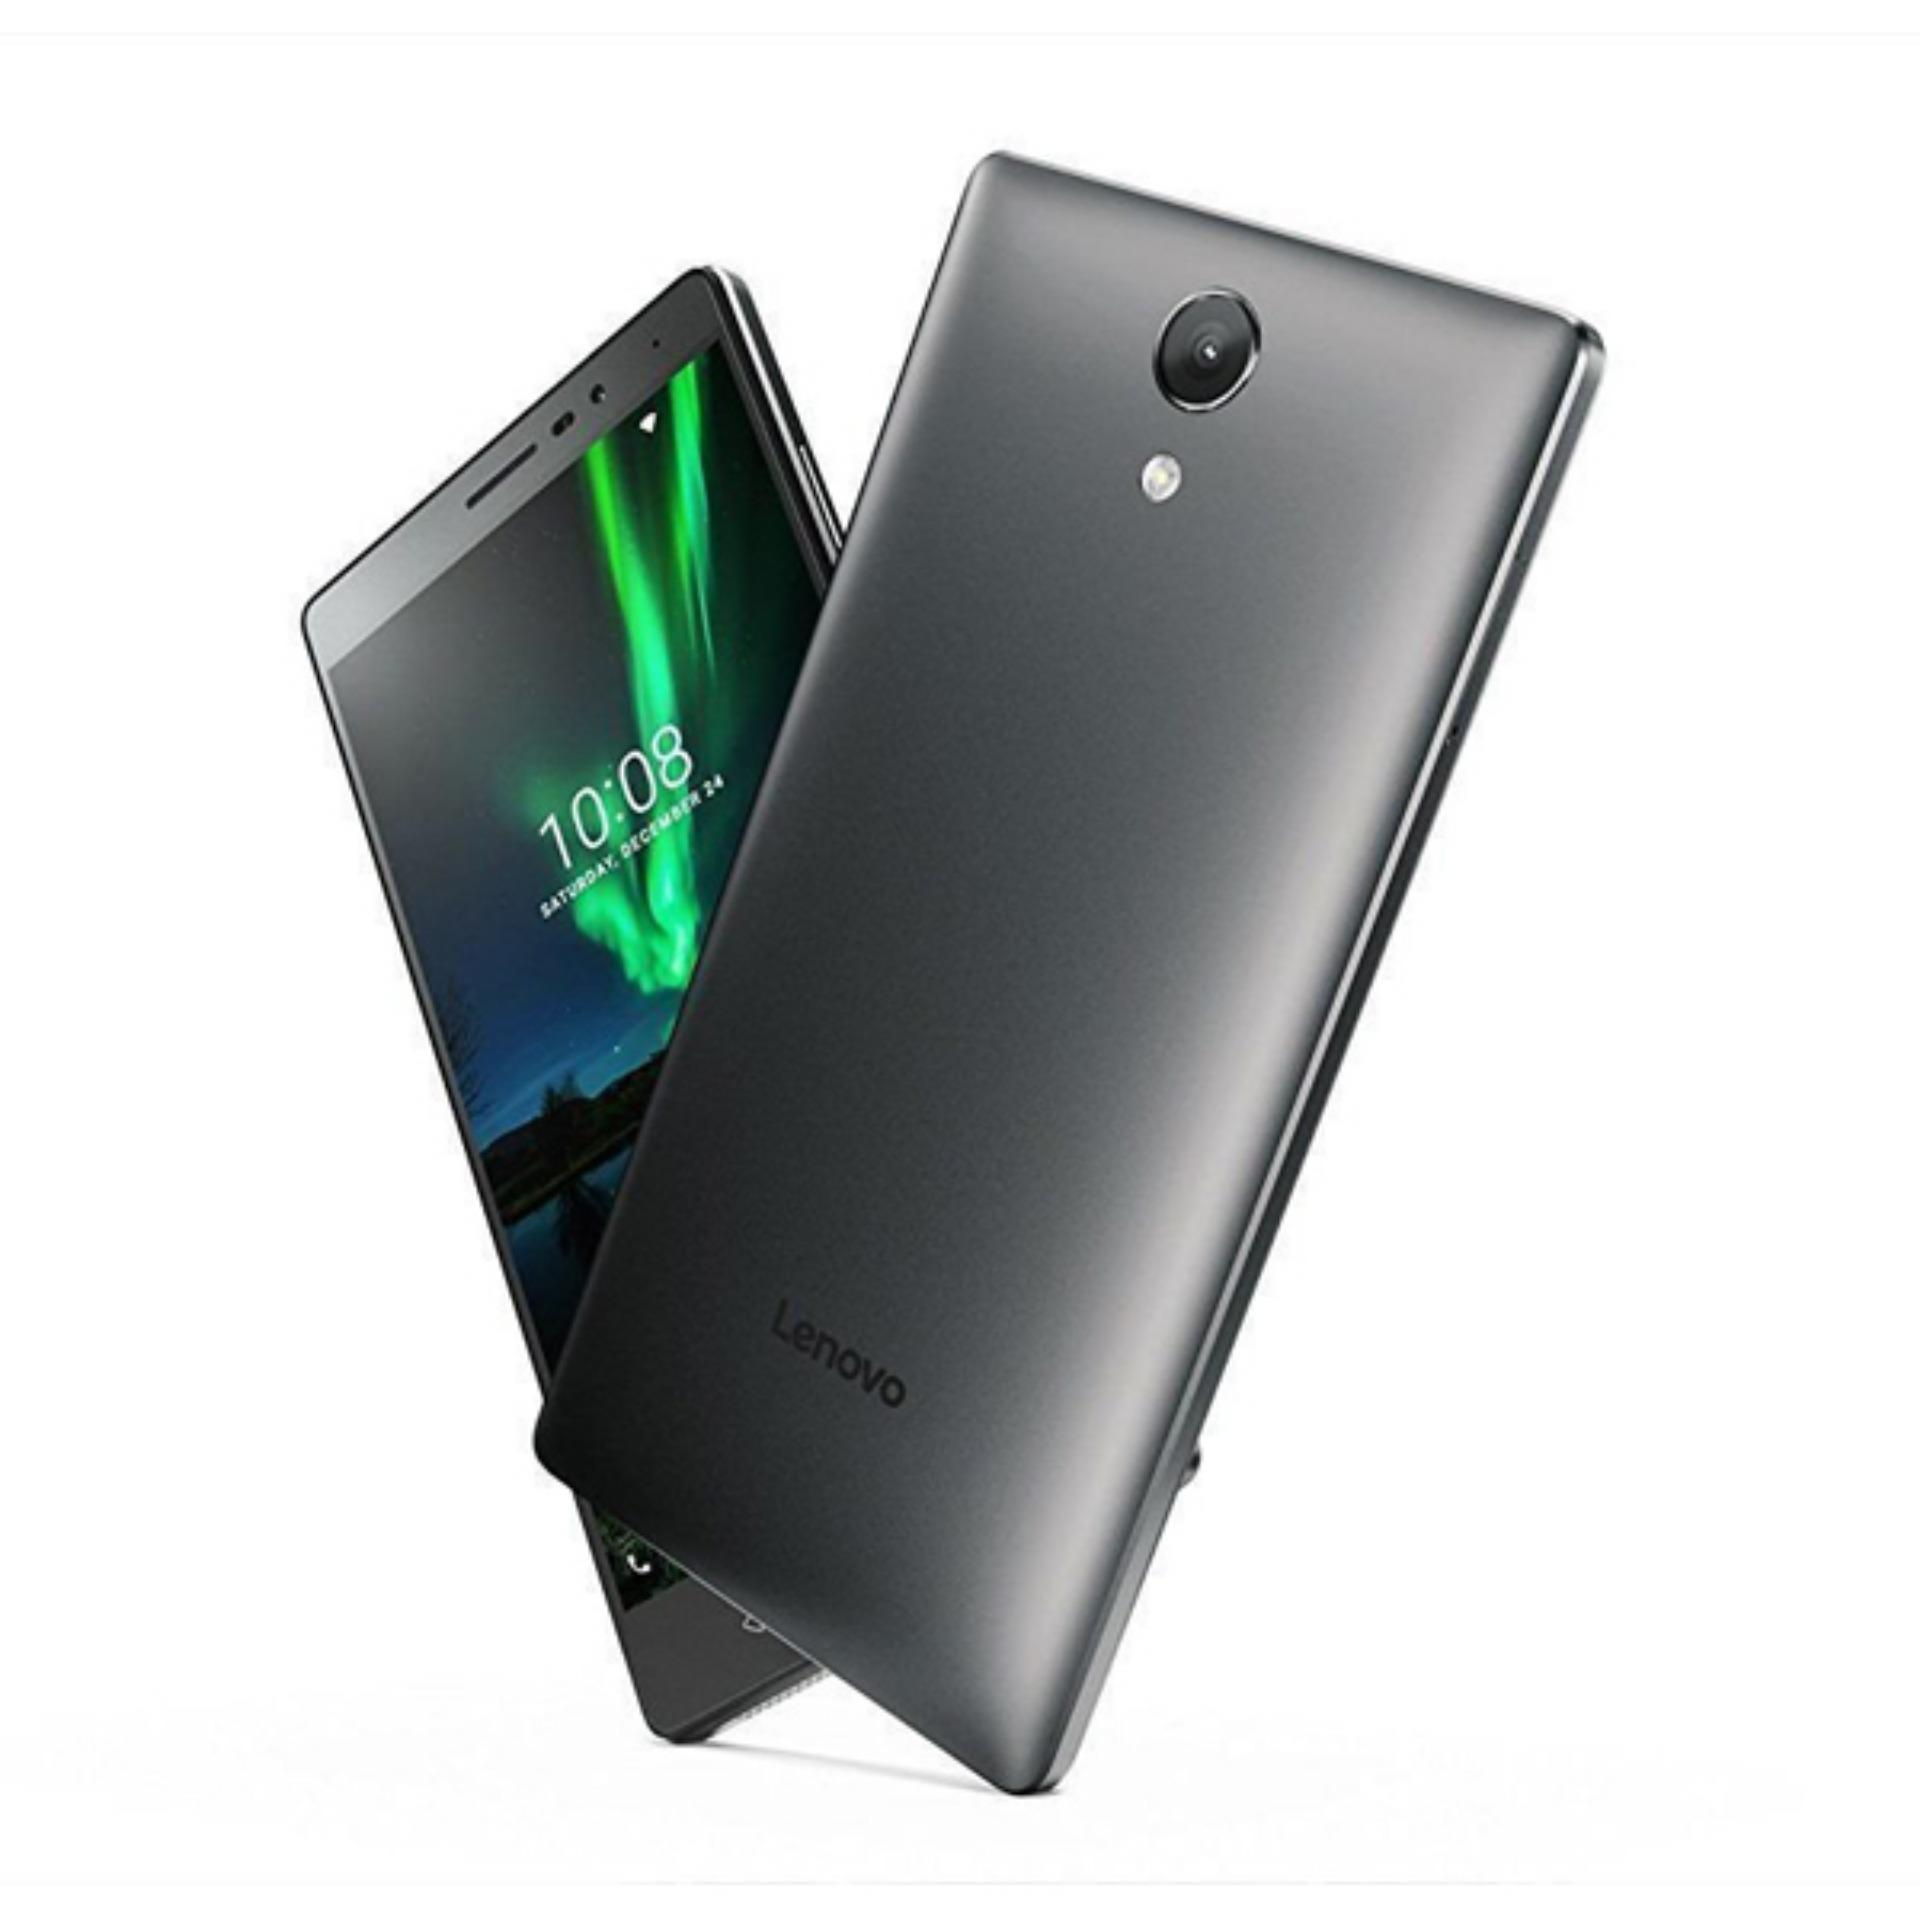 Cập Nhật Giá Lenovo Phablet PHAB PB2-650M (Gray)- 32Gb/ 6.4Inch/ 4G + Wifi + Thoại – Hãng phân phối chính thức